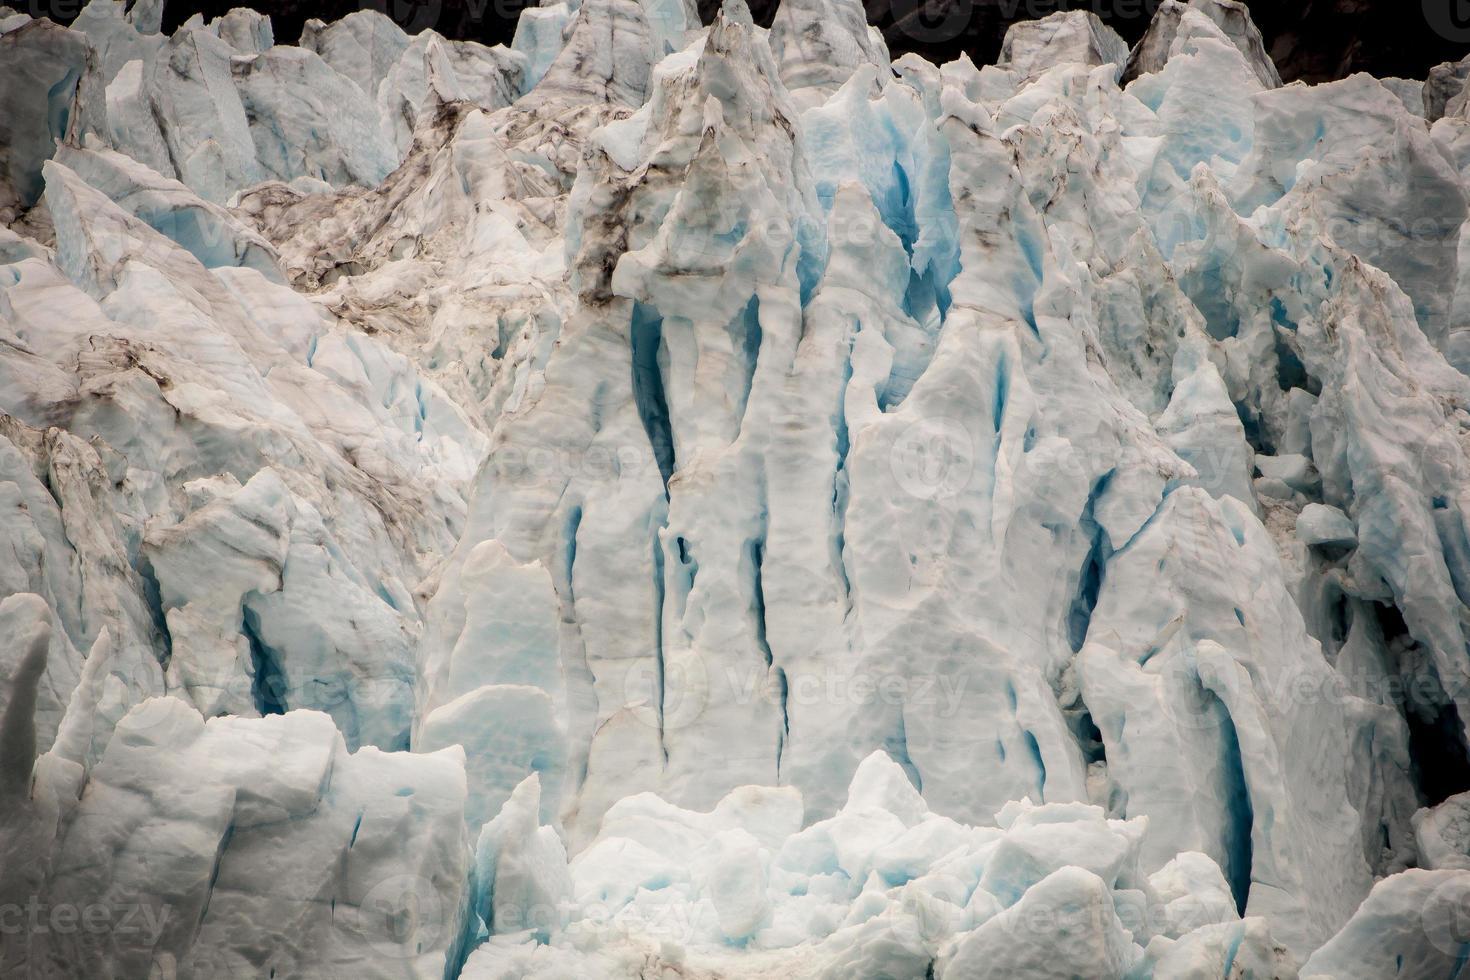 glaciär på nära håll foto